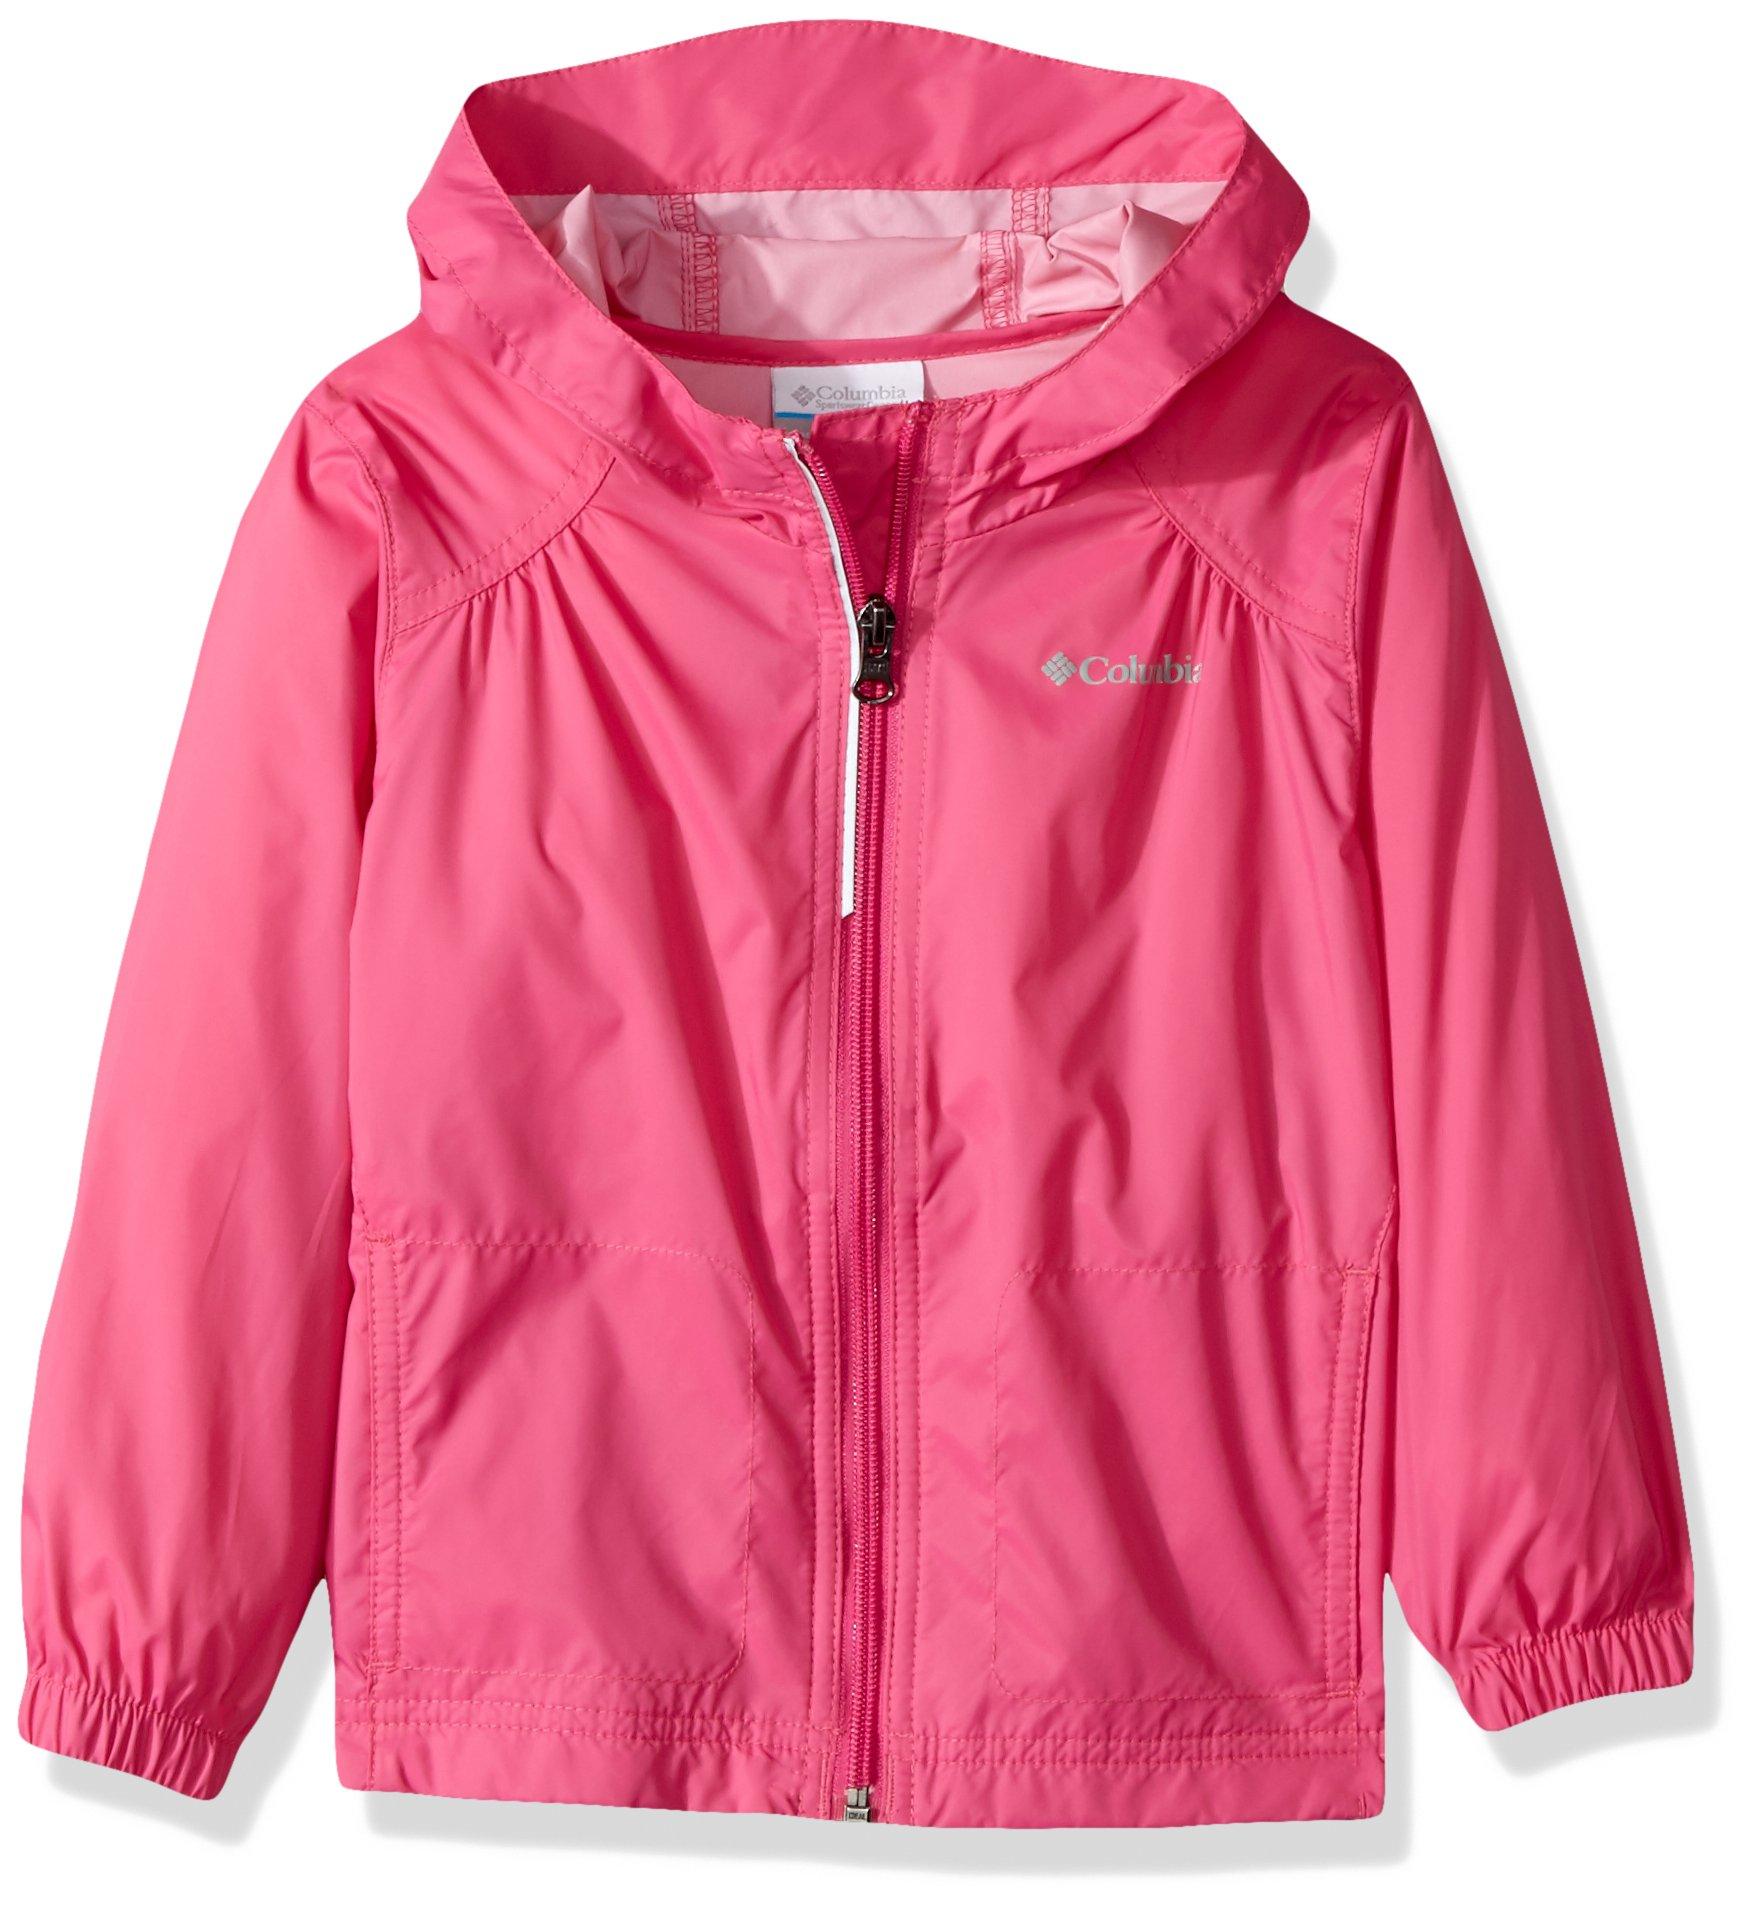 Columbia Girls Switchback Jacket Large